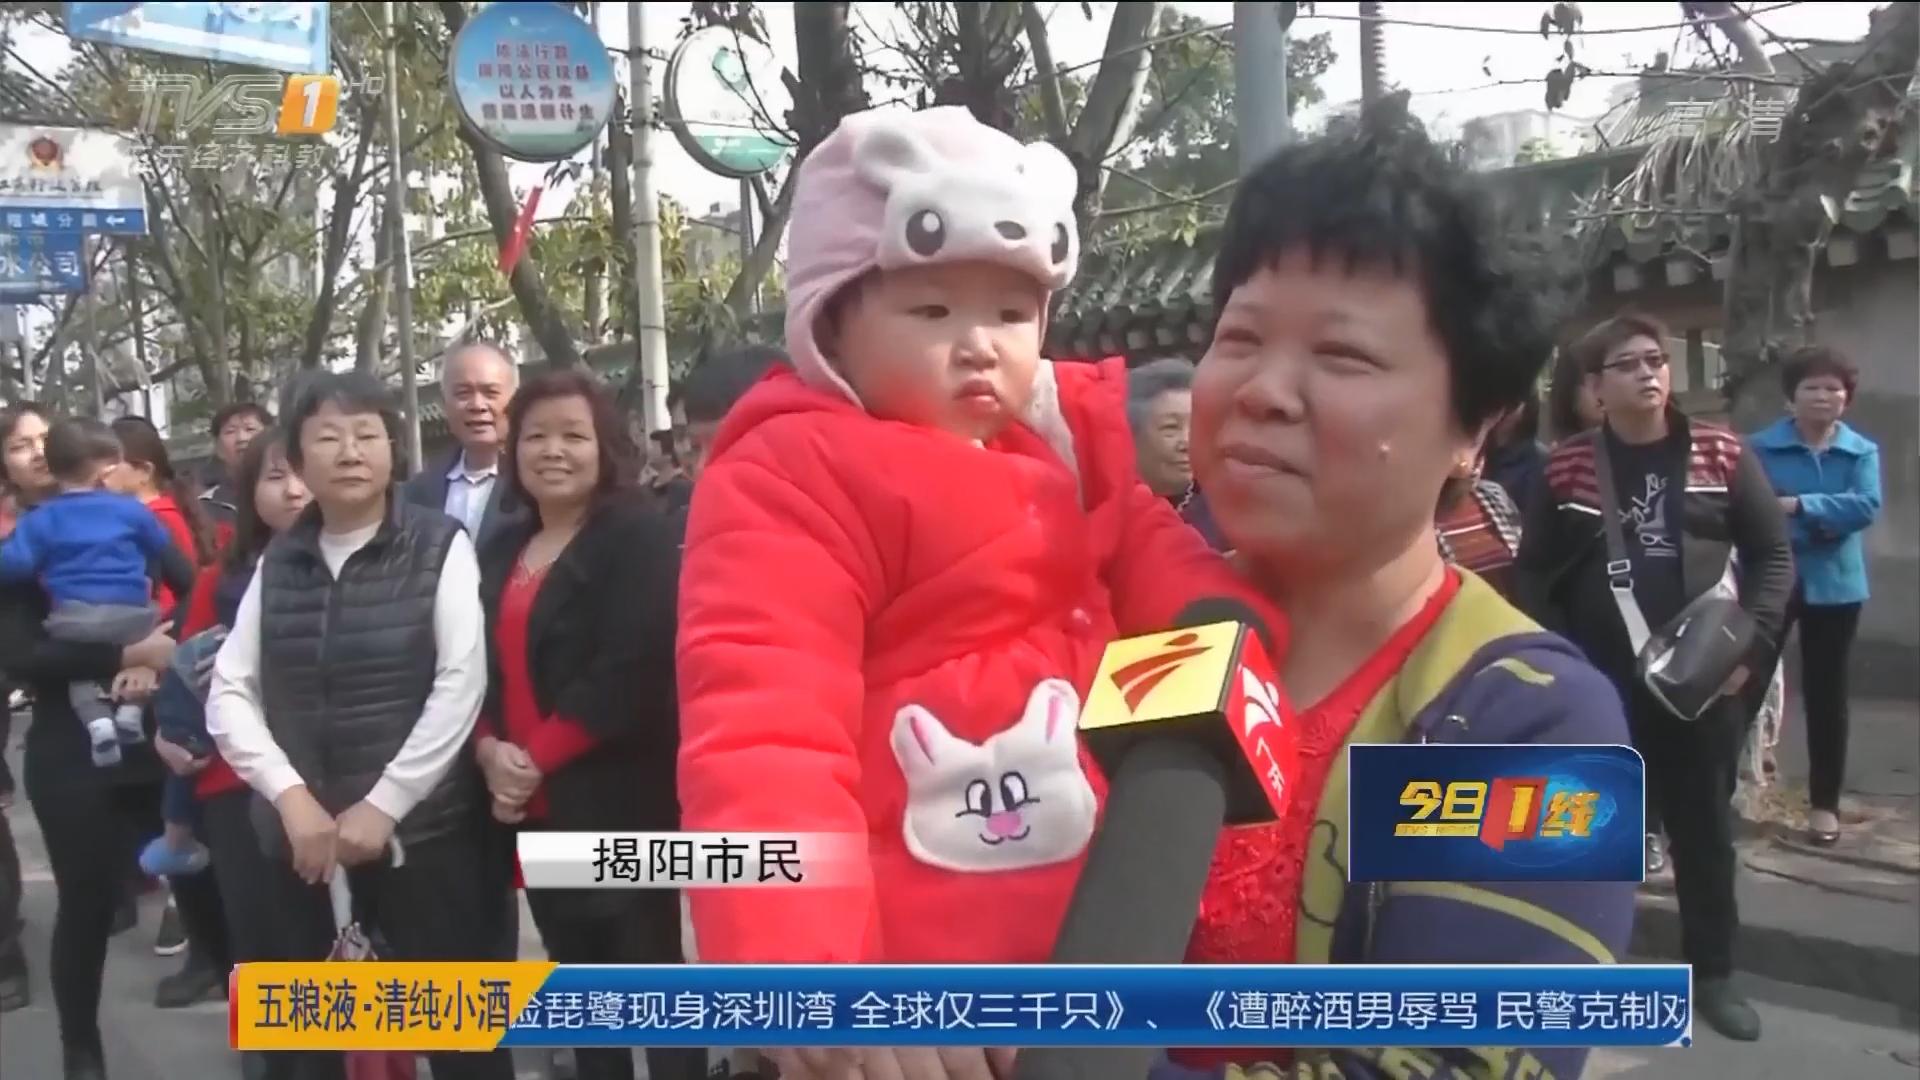 揭阳榕城区:揭阳举行民俗活动 街坊热情参与